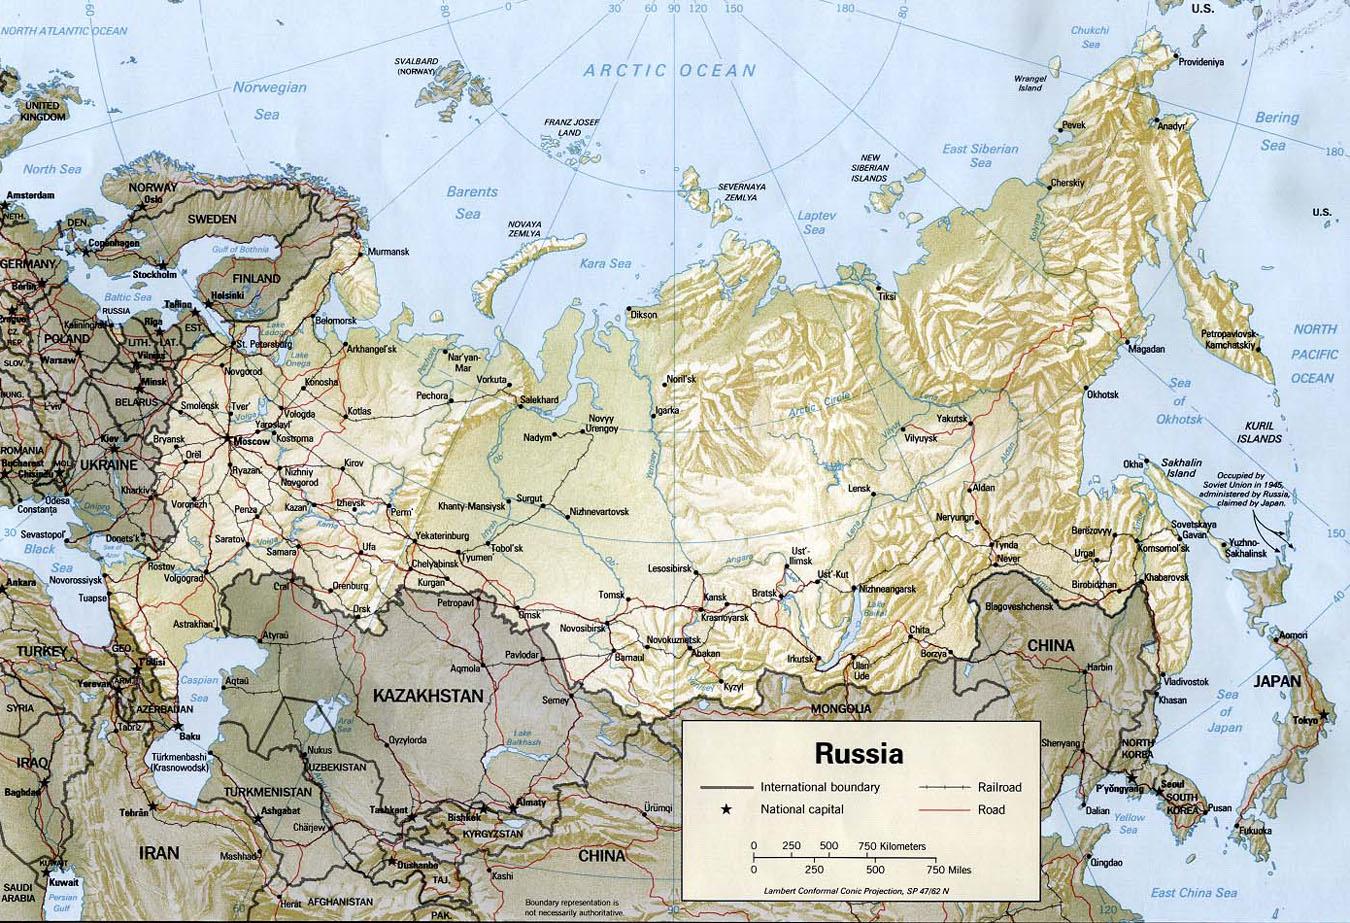 Gographie de la Russie et des espaces postsovitiques